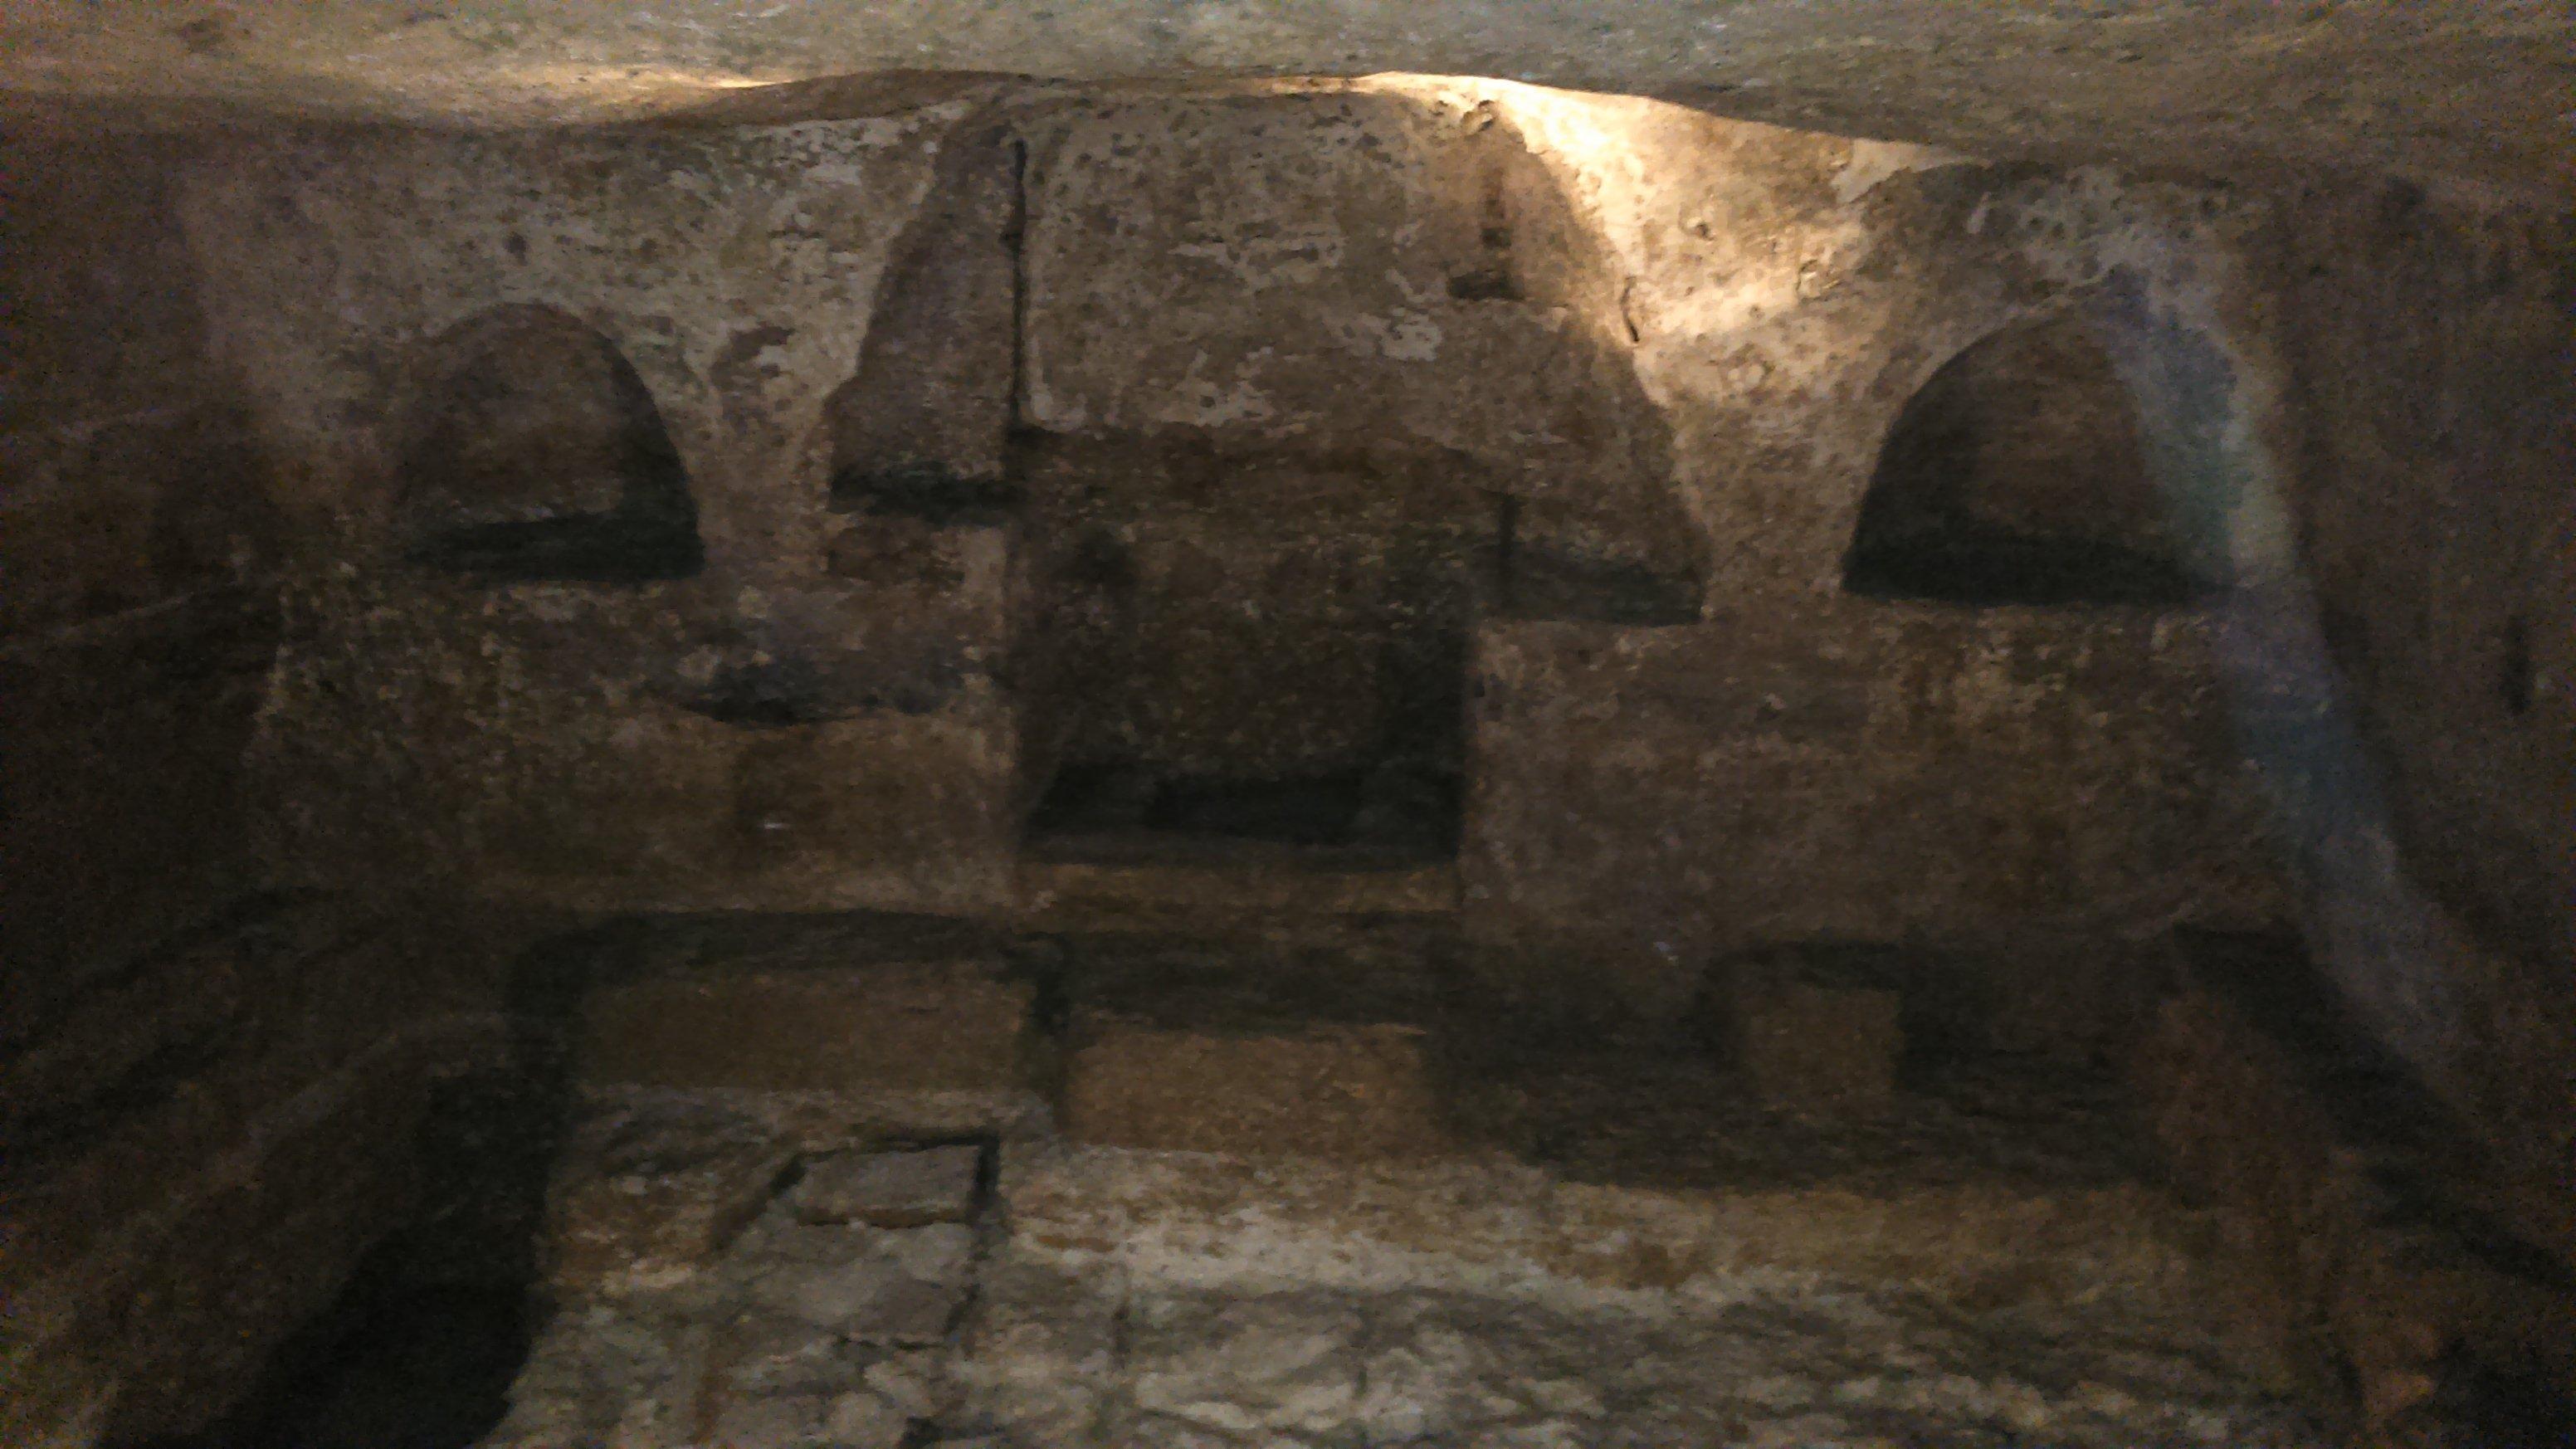 Catacombe di S. Michele Arcangelo